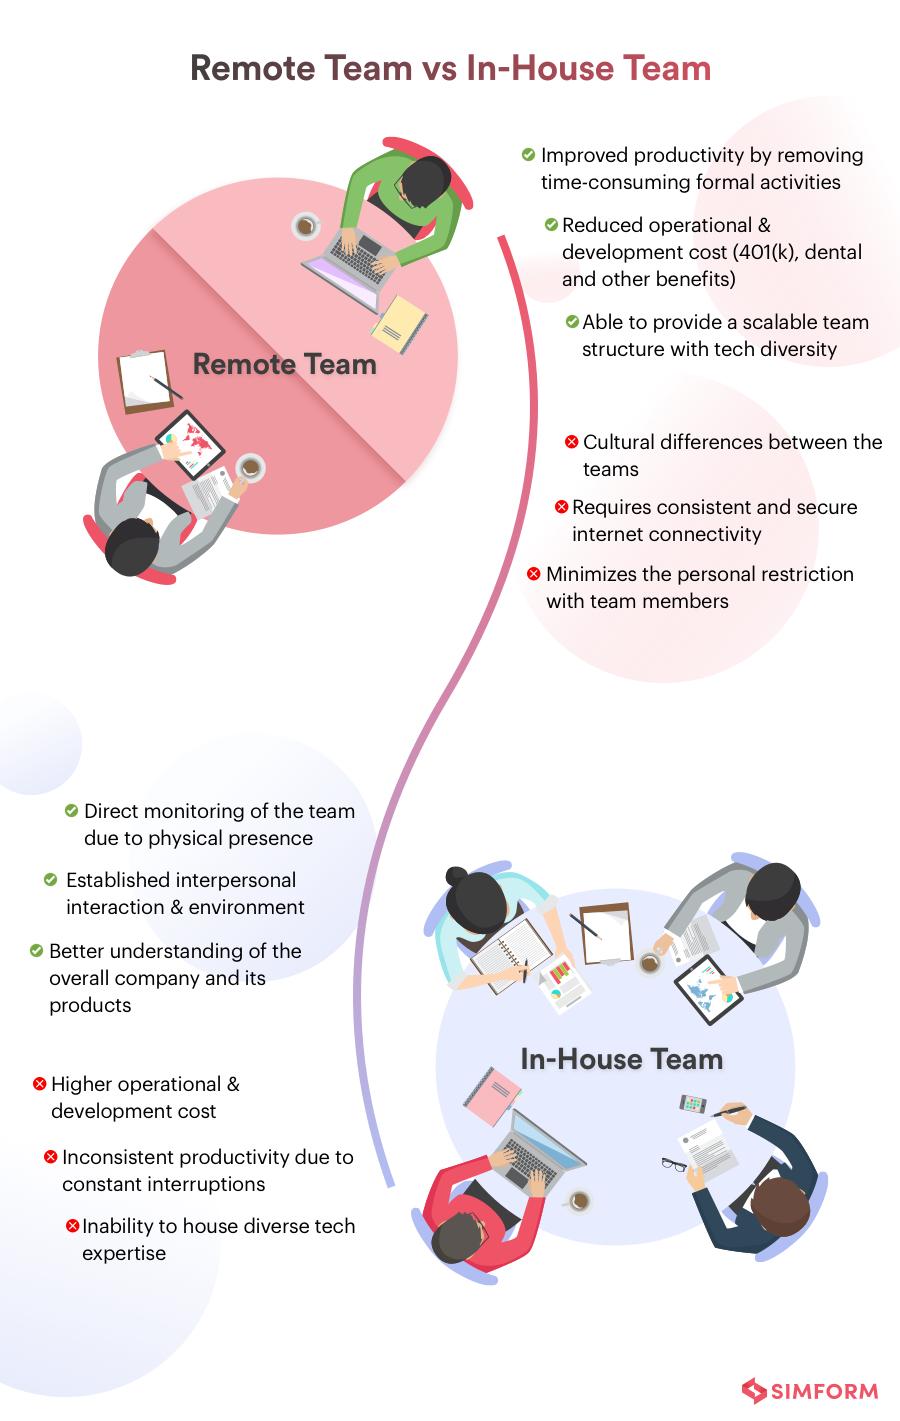 remote teams vs inhouse teams